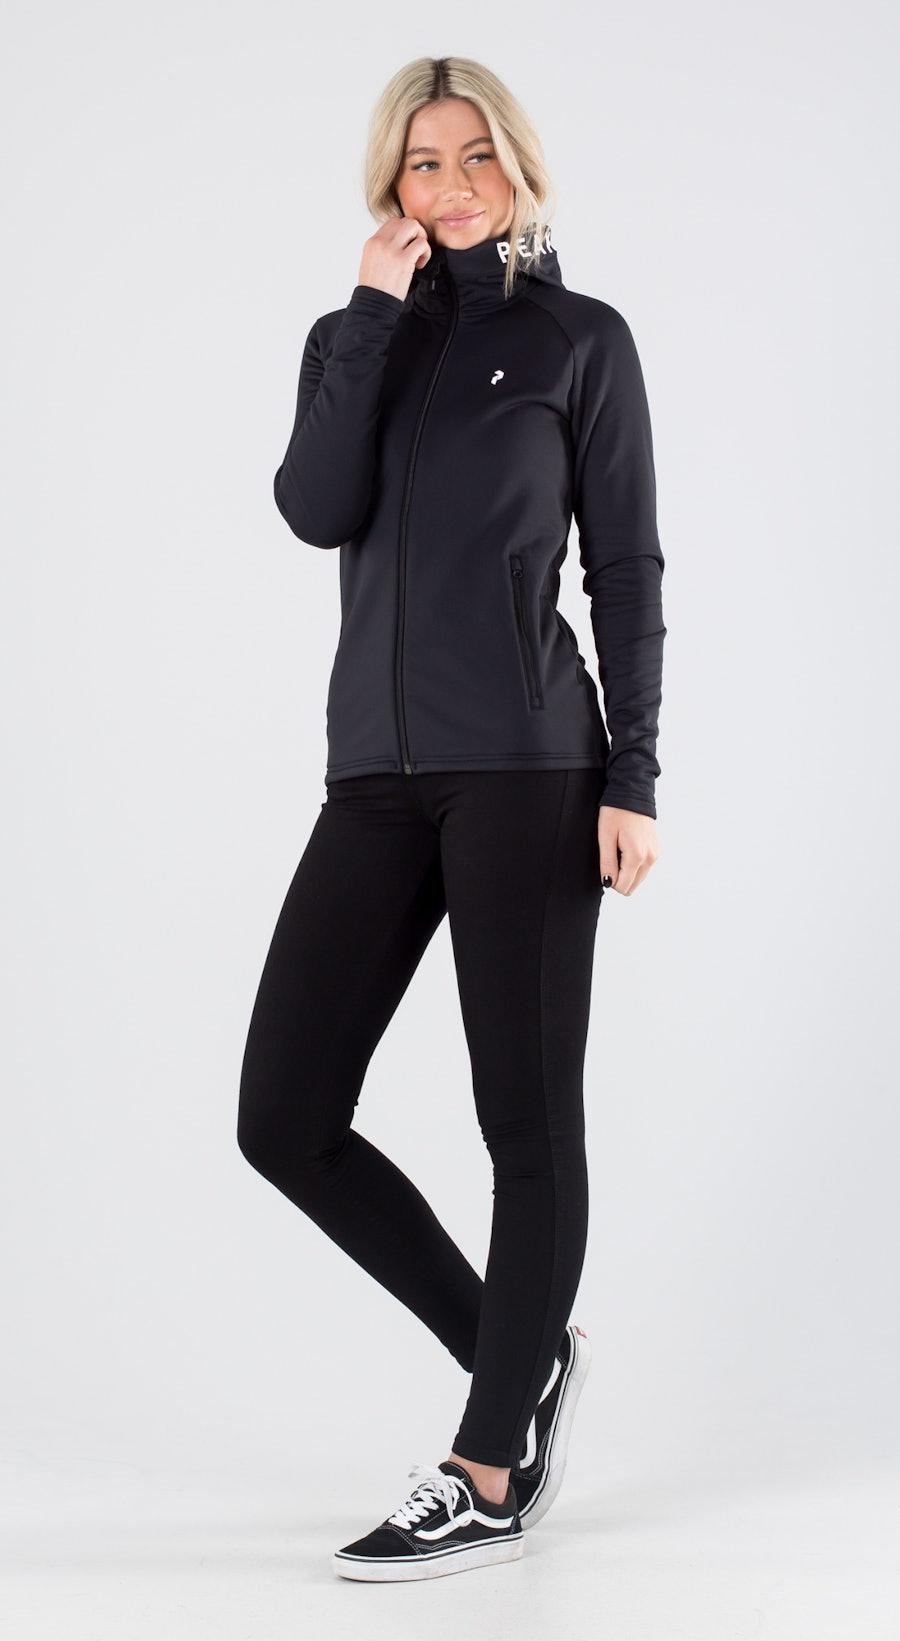 Peak Performance Rider Zip Hood Black Outfit Multi